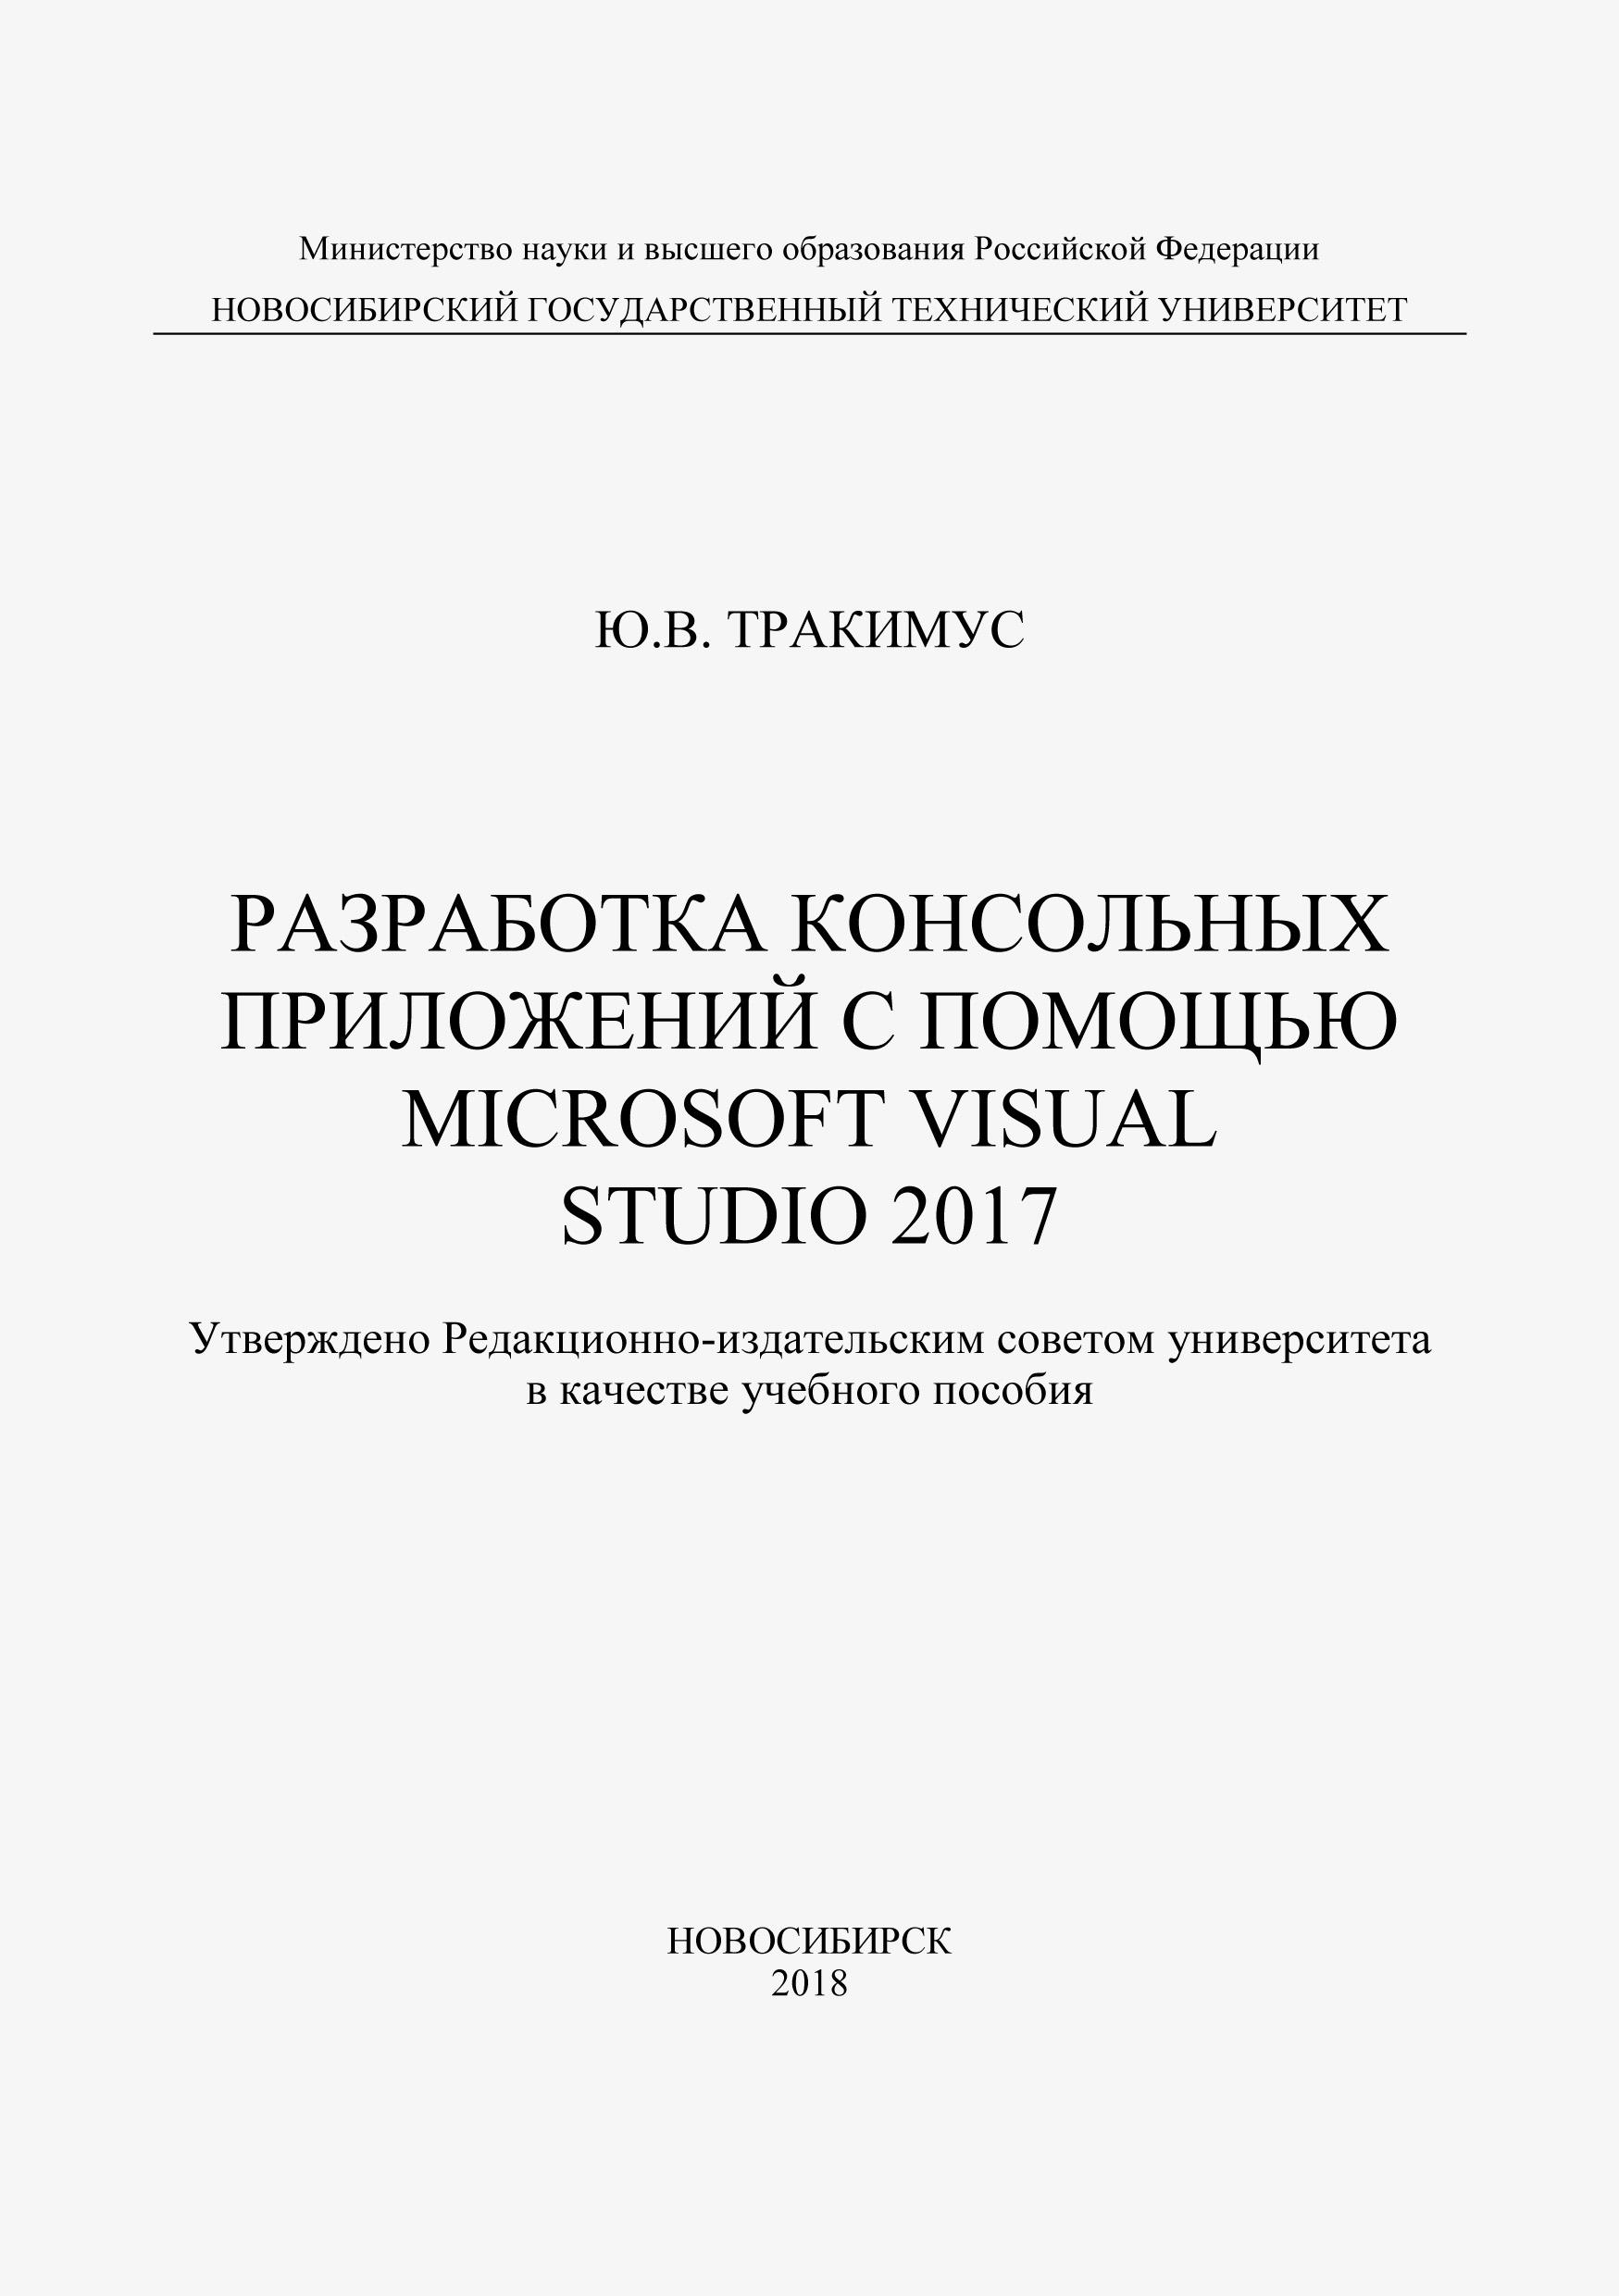 Юрий Тракимус Разработка консольных приложений с помощью Microsoft Visual Studio 2017 microsoft visual studio 2010 a beginner s guide